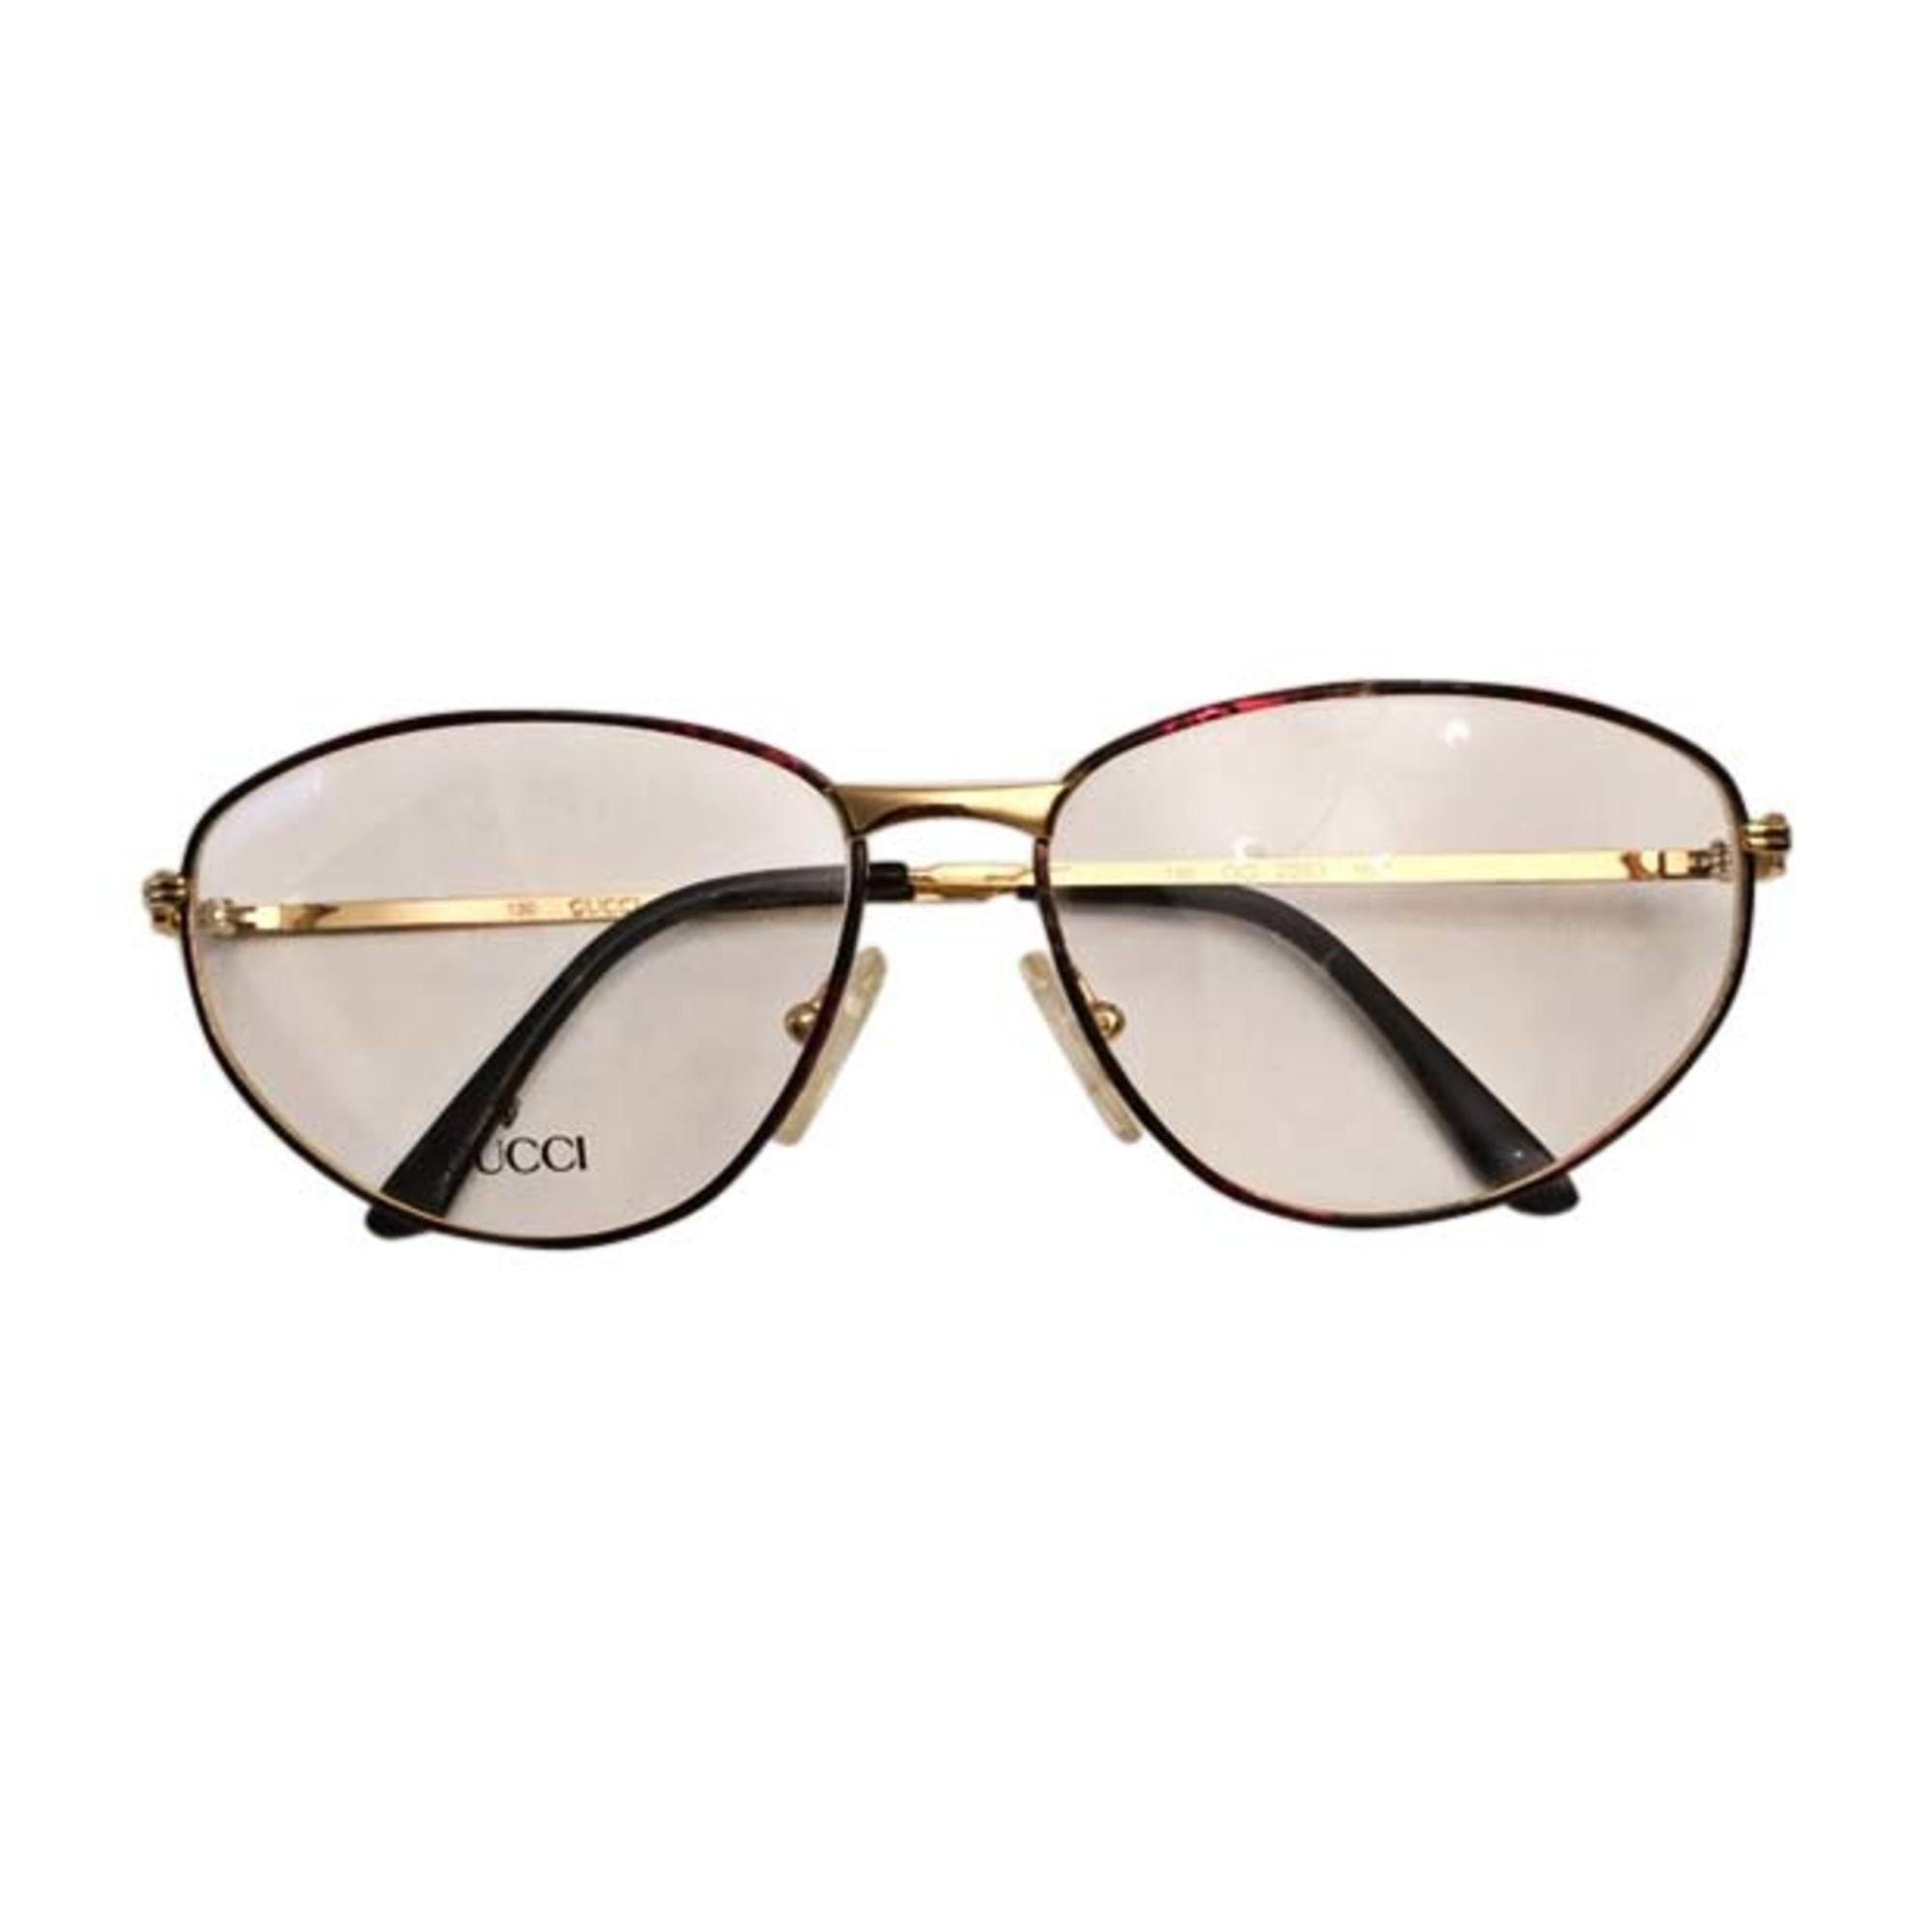 Eyeglass Frames GUCCI Multicolor